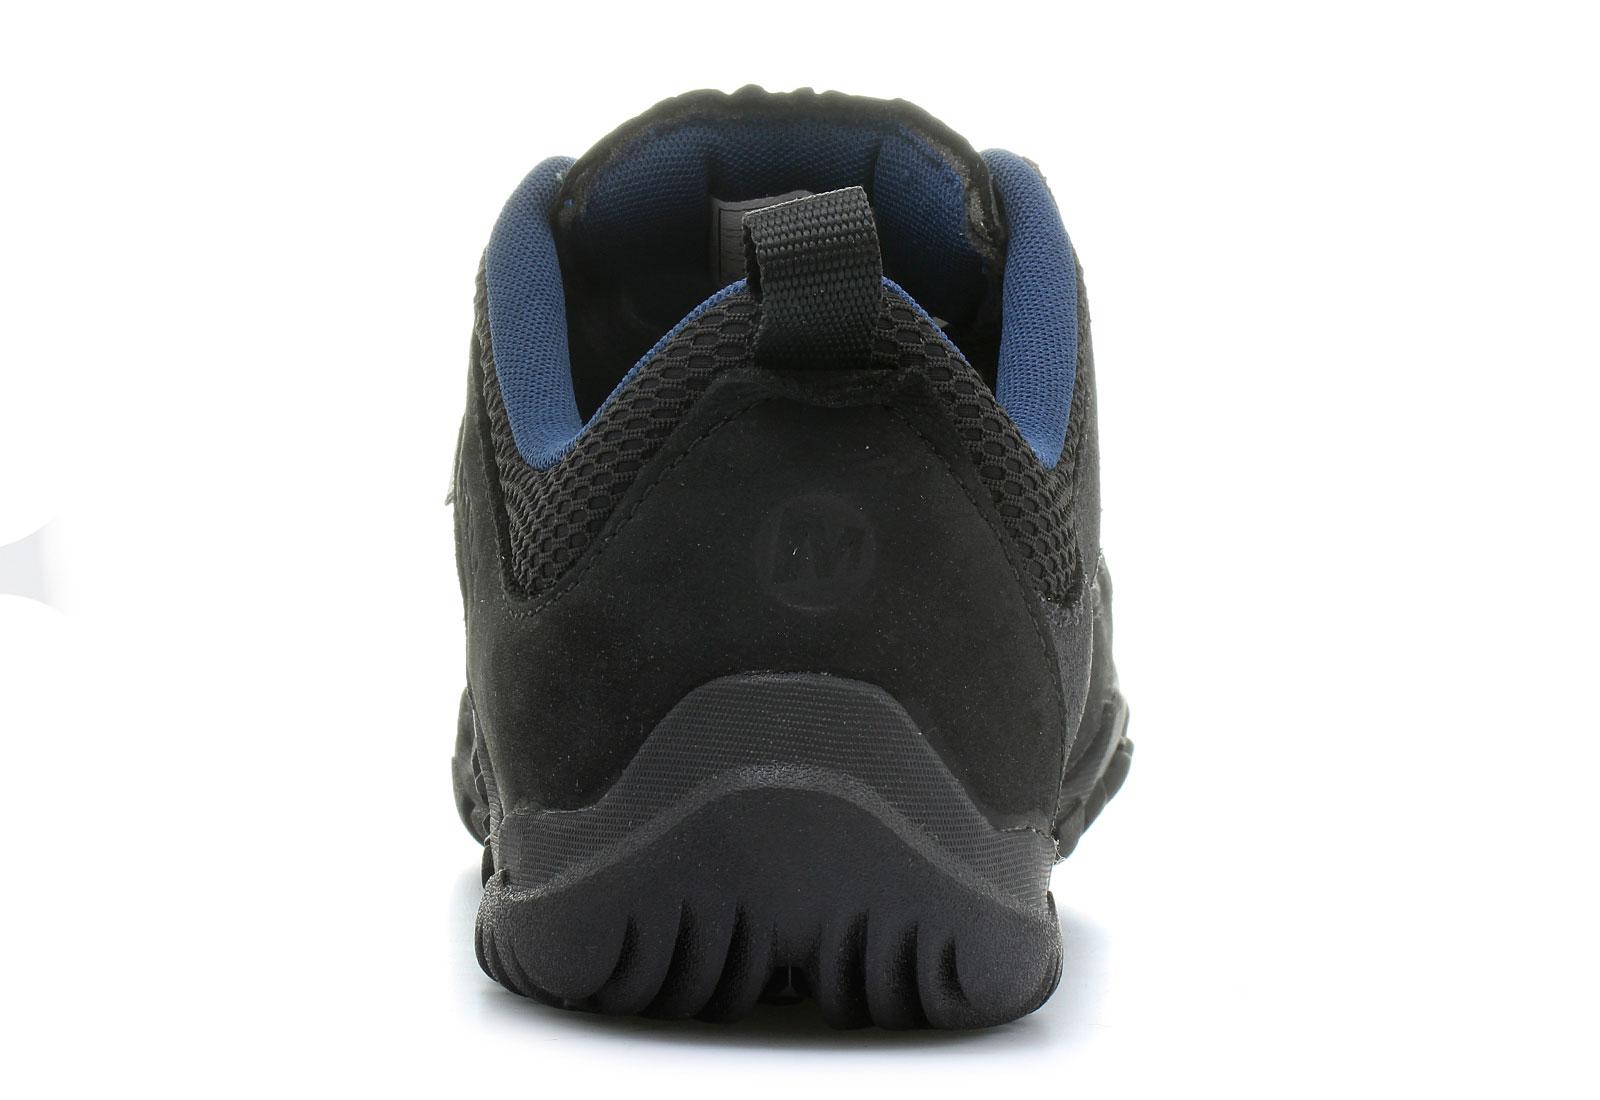 61d5d60d07 Merrell Cipő - Telluride Wtpf - J23533-blk - Office Shoes Magyarország